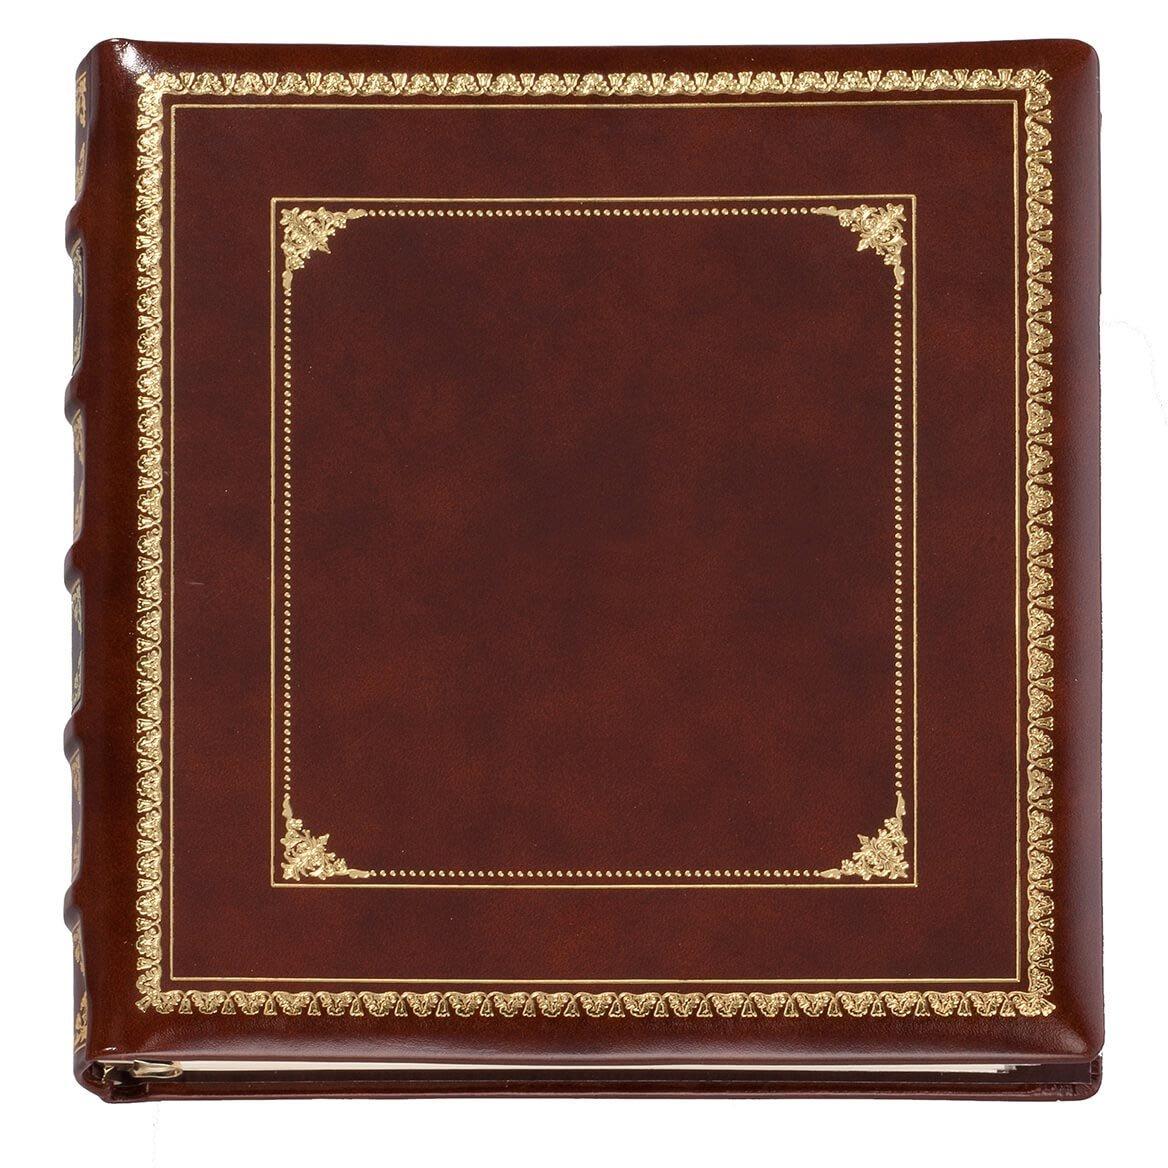 Exposures Library Leather Photo Album